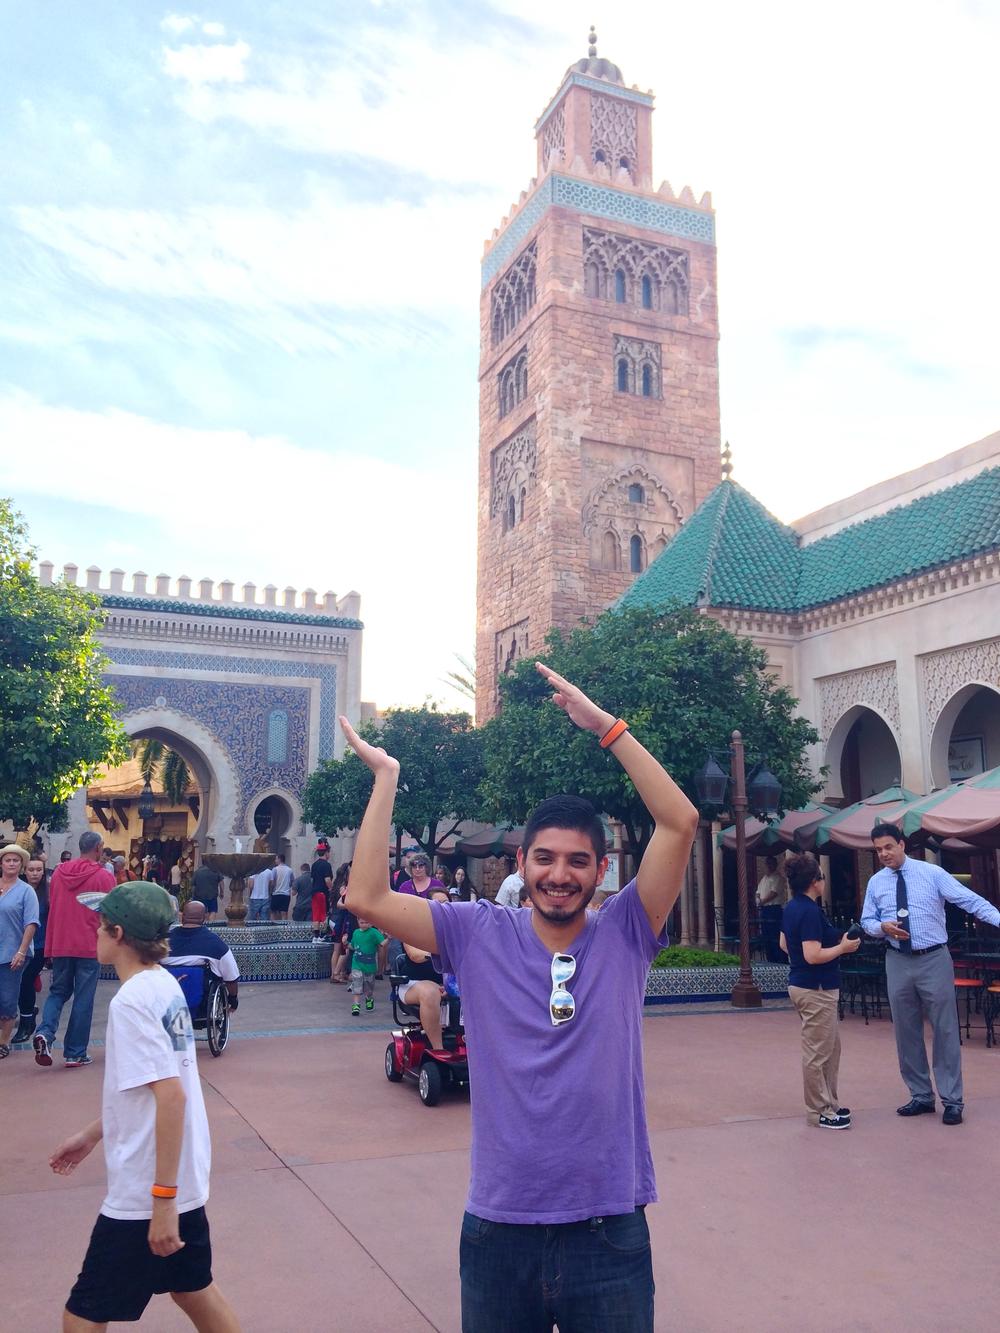 morocco-epcot-exterior.jpg